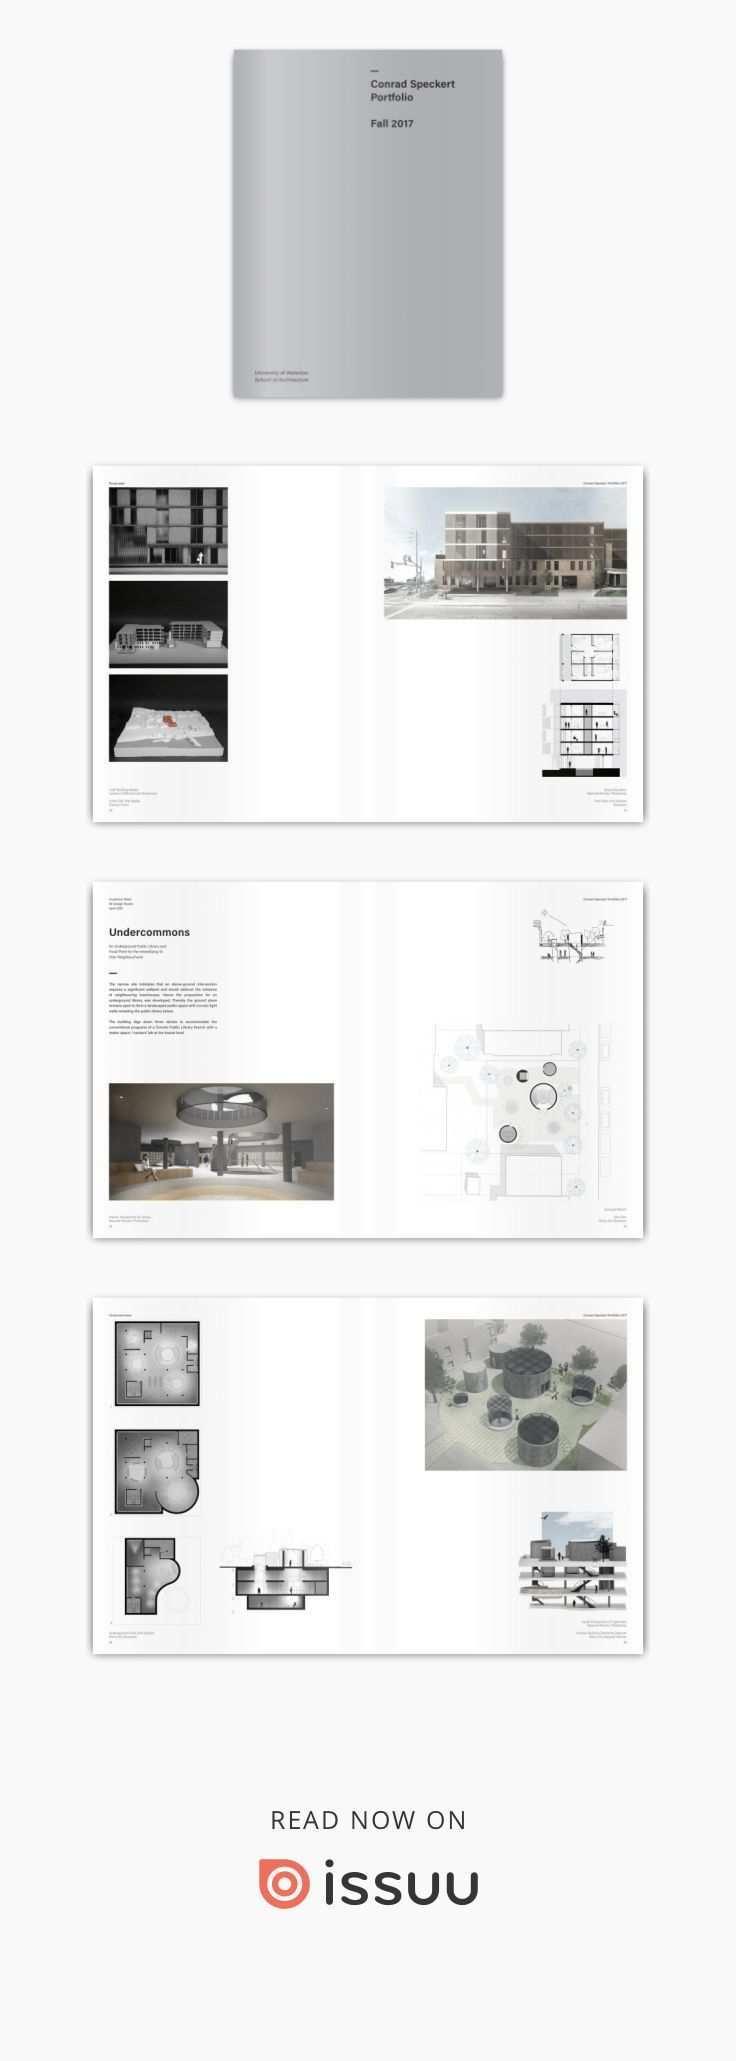 Conrad Speckert Portfolio 2017 School Architecture Architecture Portfolio Architecture Design